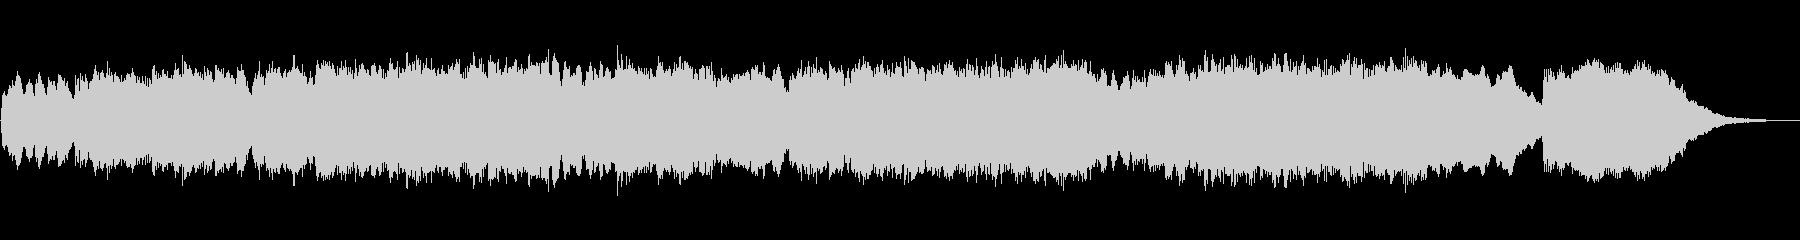 パイプオルガンのフーガ No.11の未再生の波形